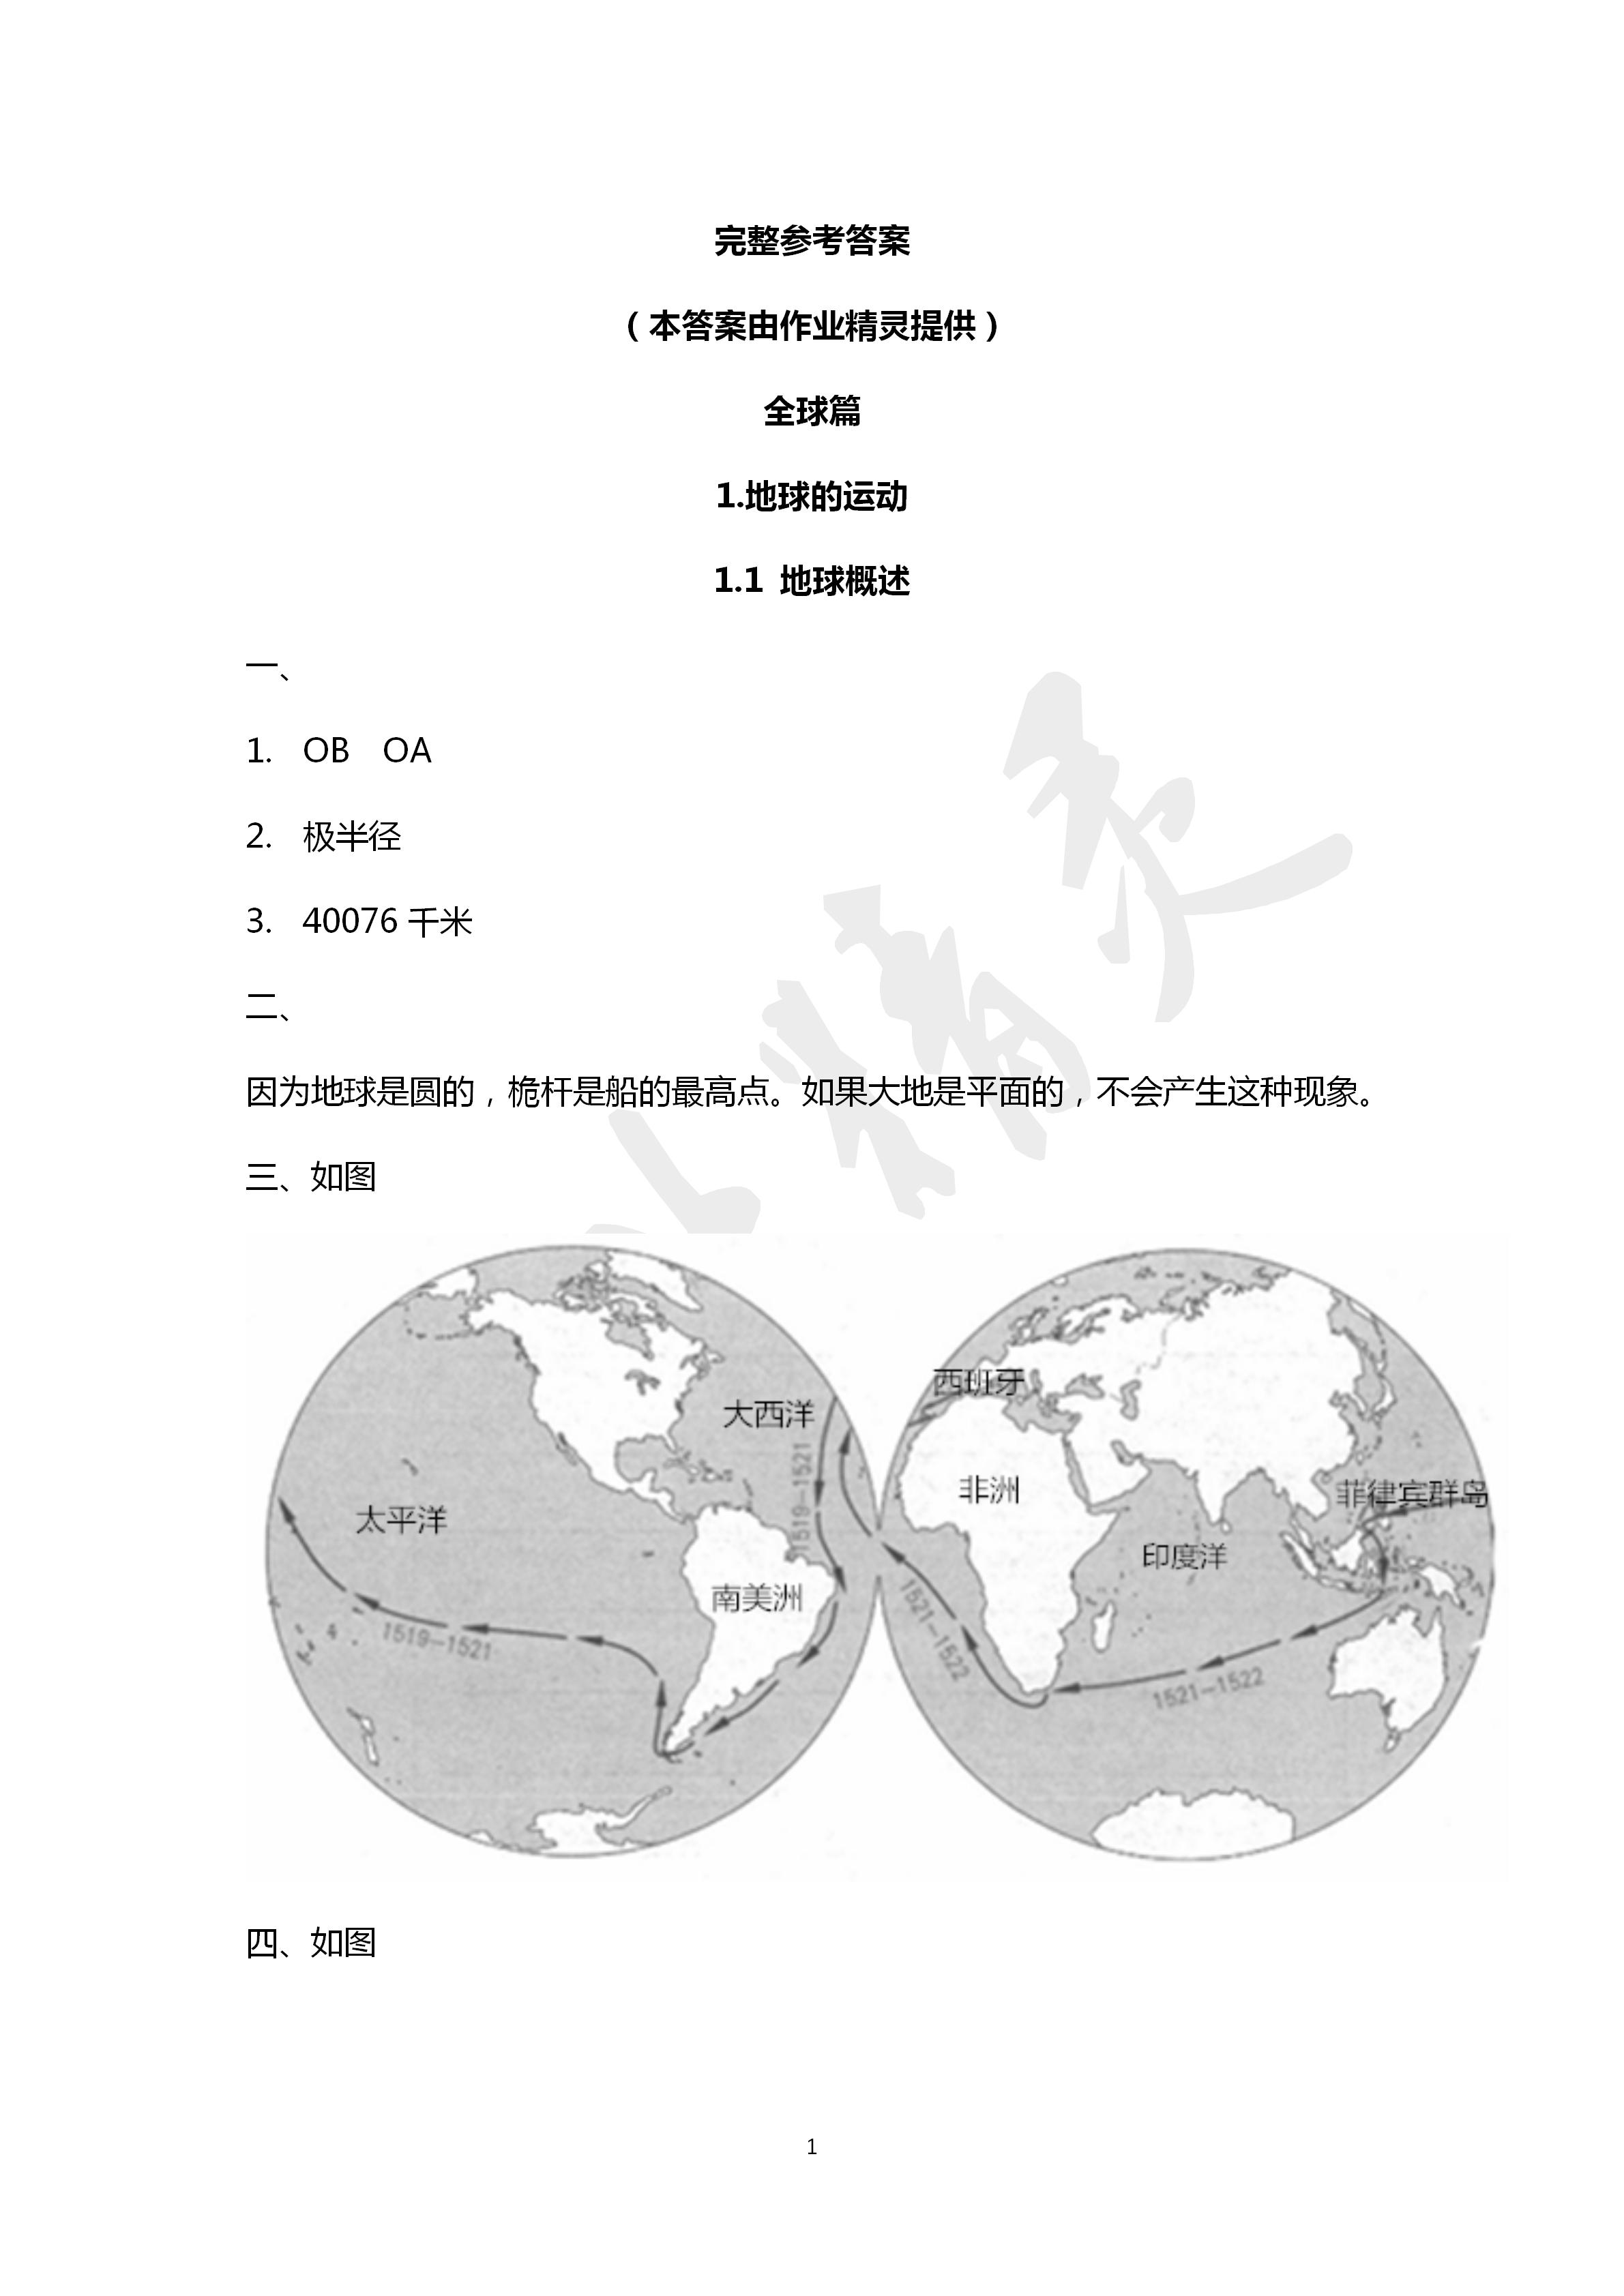 2020年地理练习部分六年级第二学期沪教版第1页